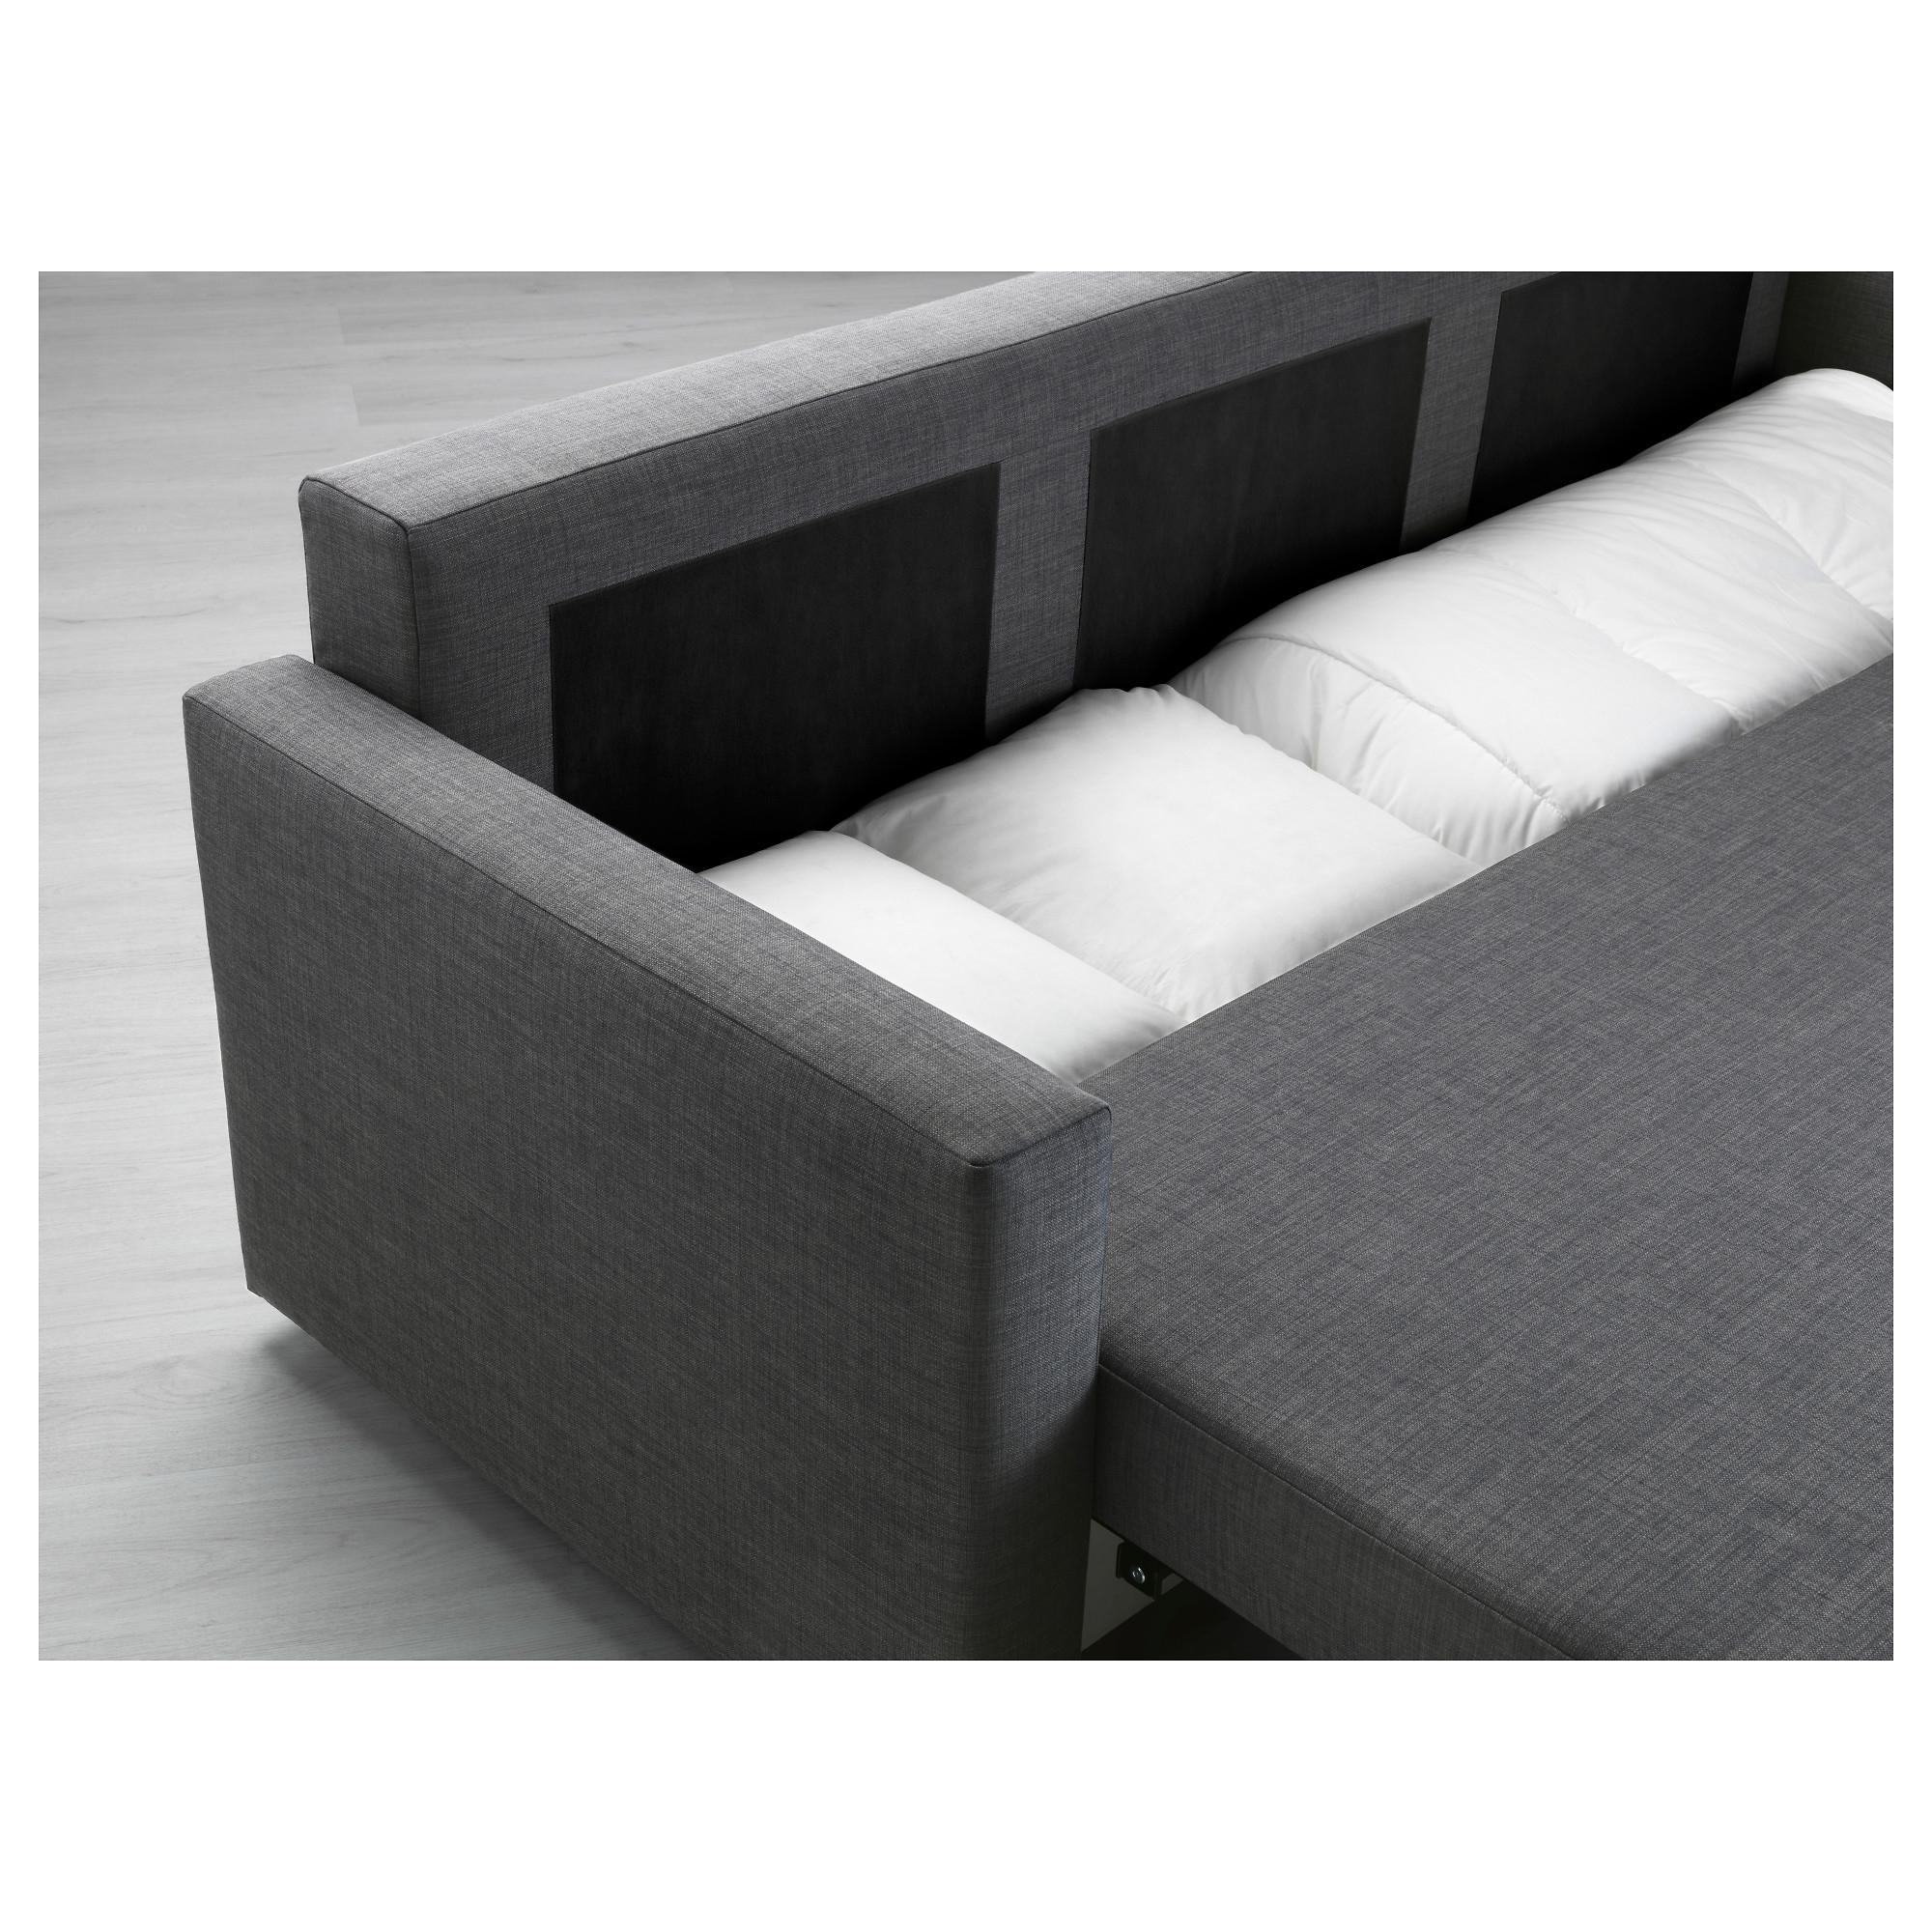 Ikea sofa Friheten Irdz Friheten Three Seat sofa Bed Skiftebo Dark Grey Ikea